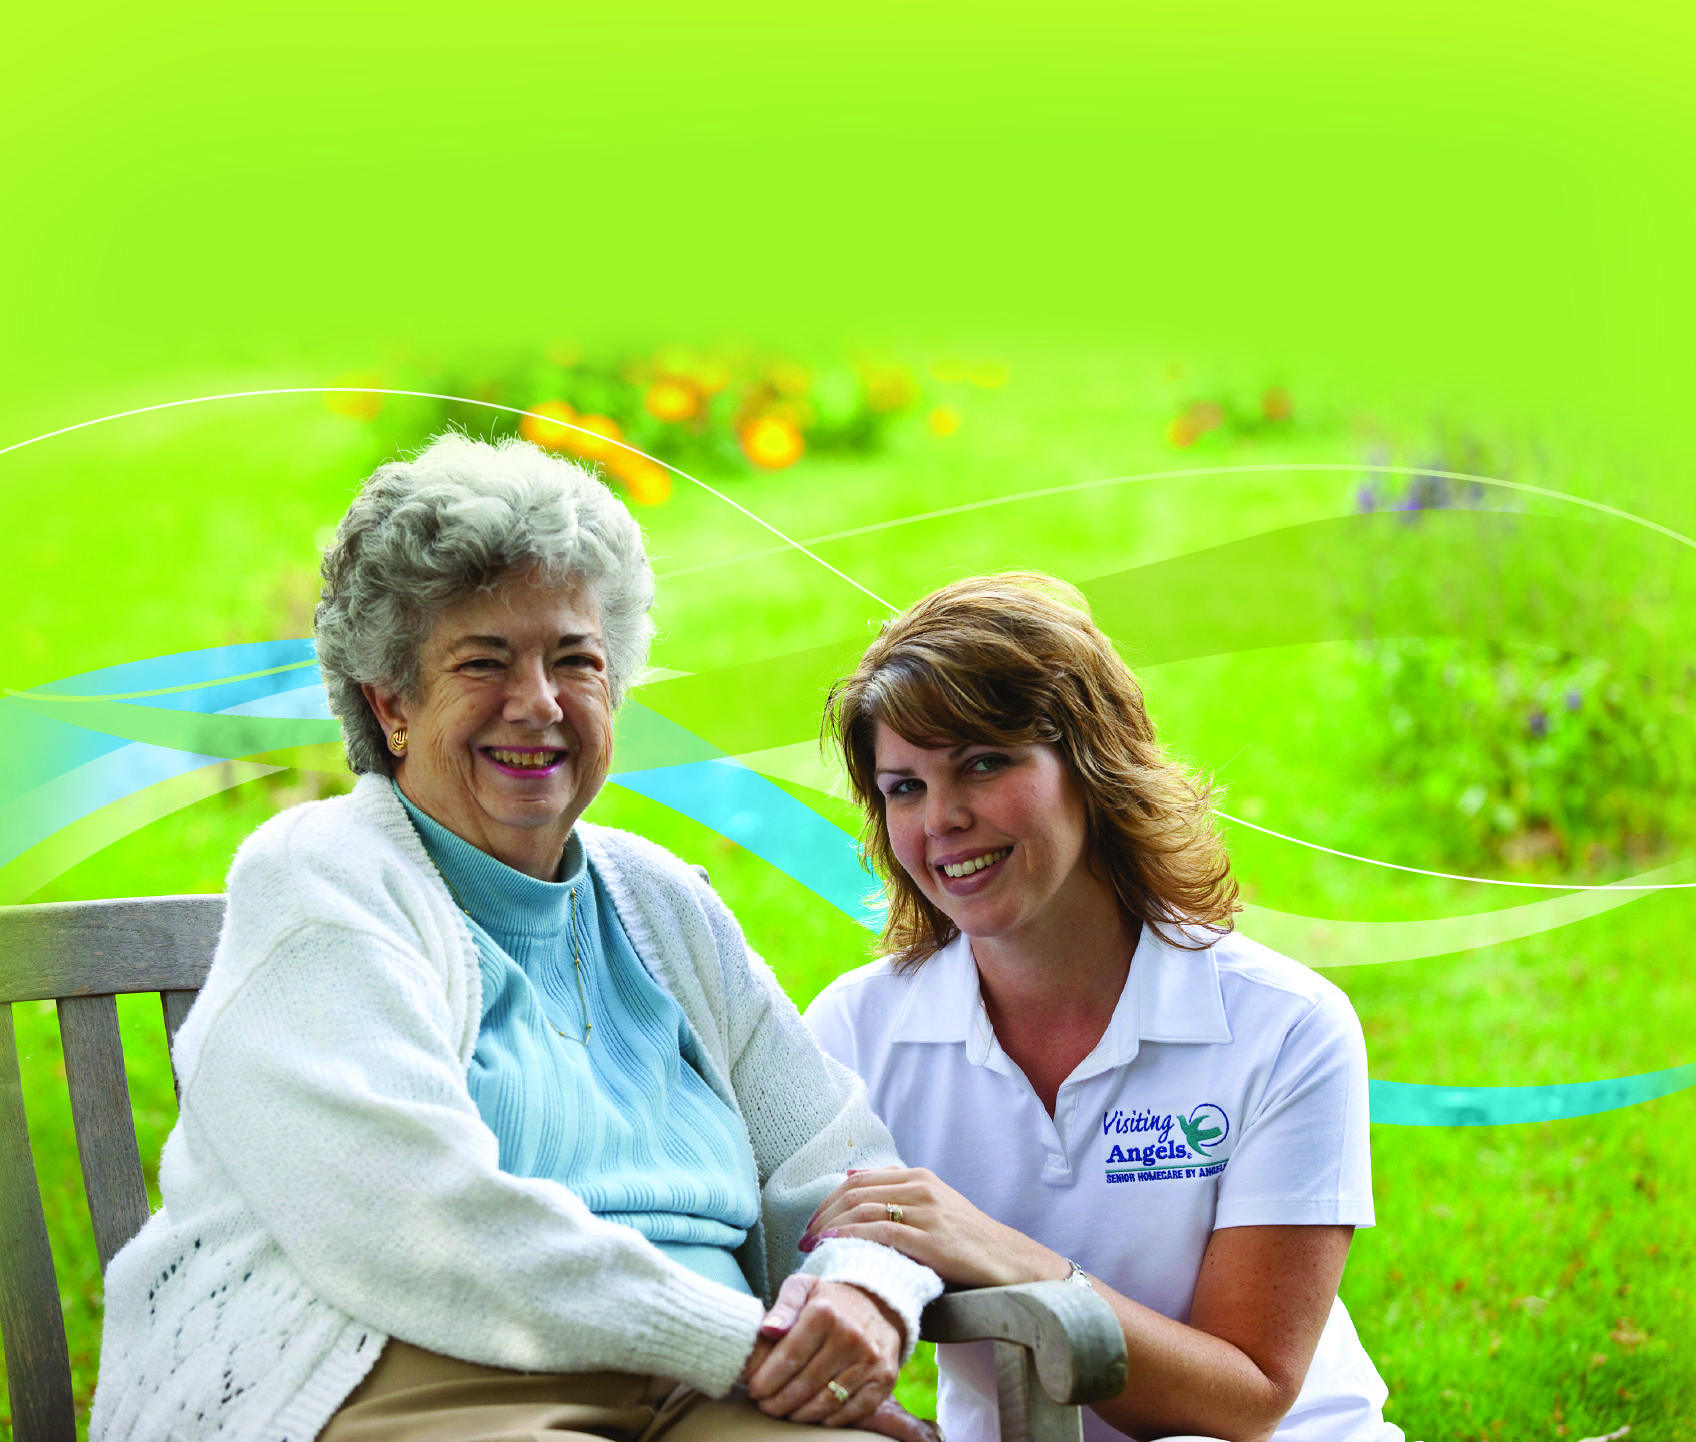 Home Care Aide (HCA) Caregiver Training (in Tacoma, WA)